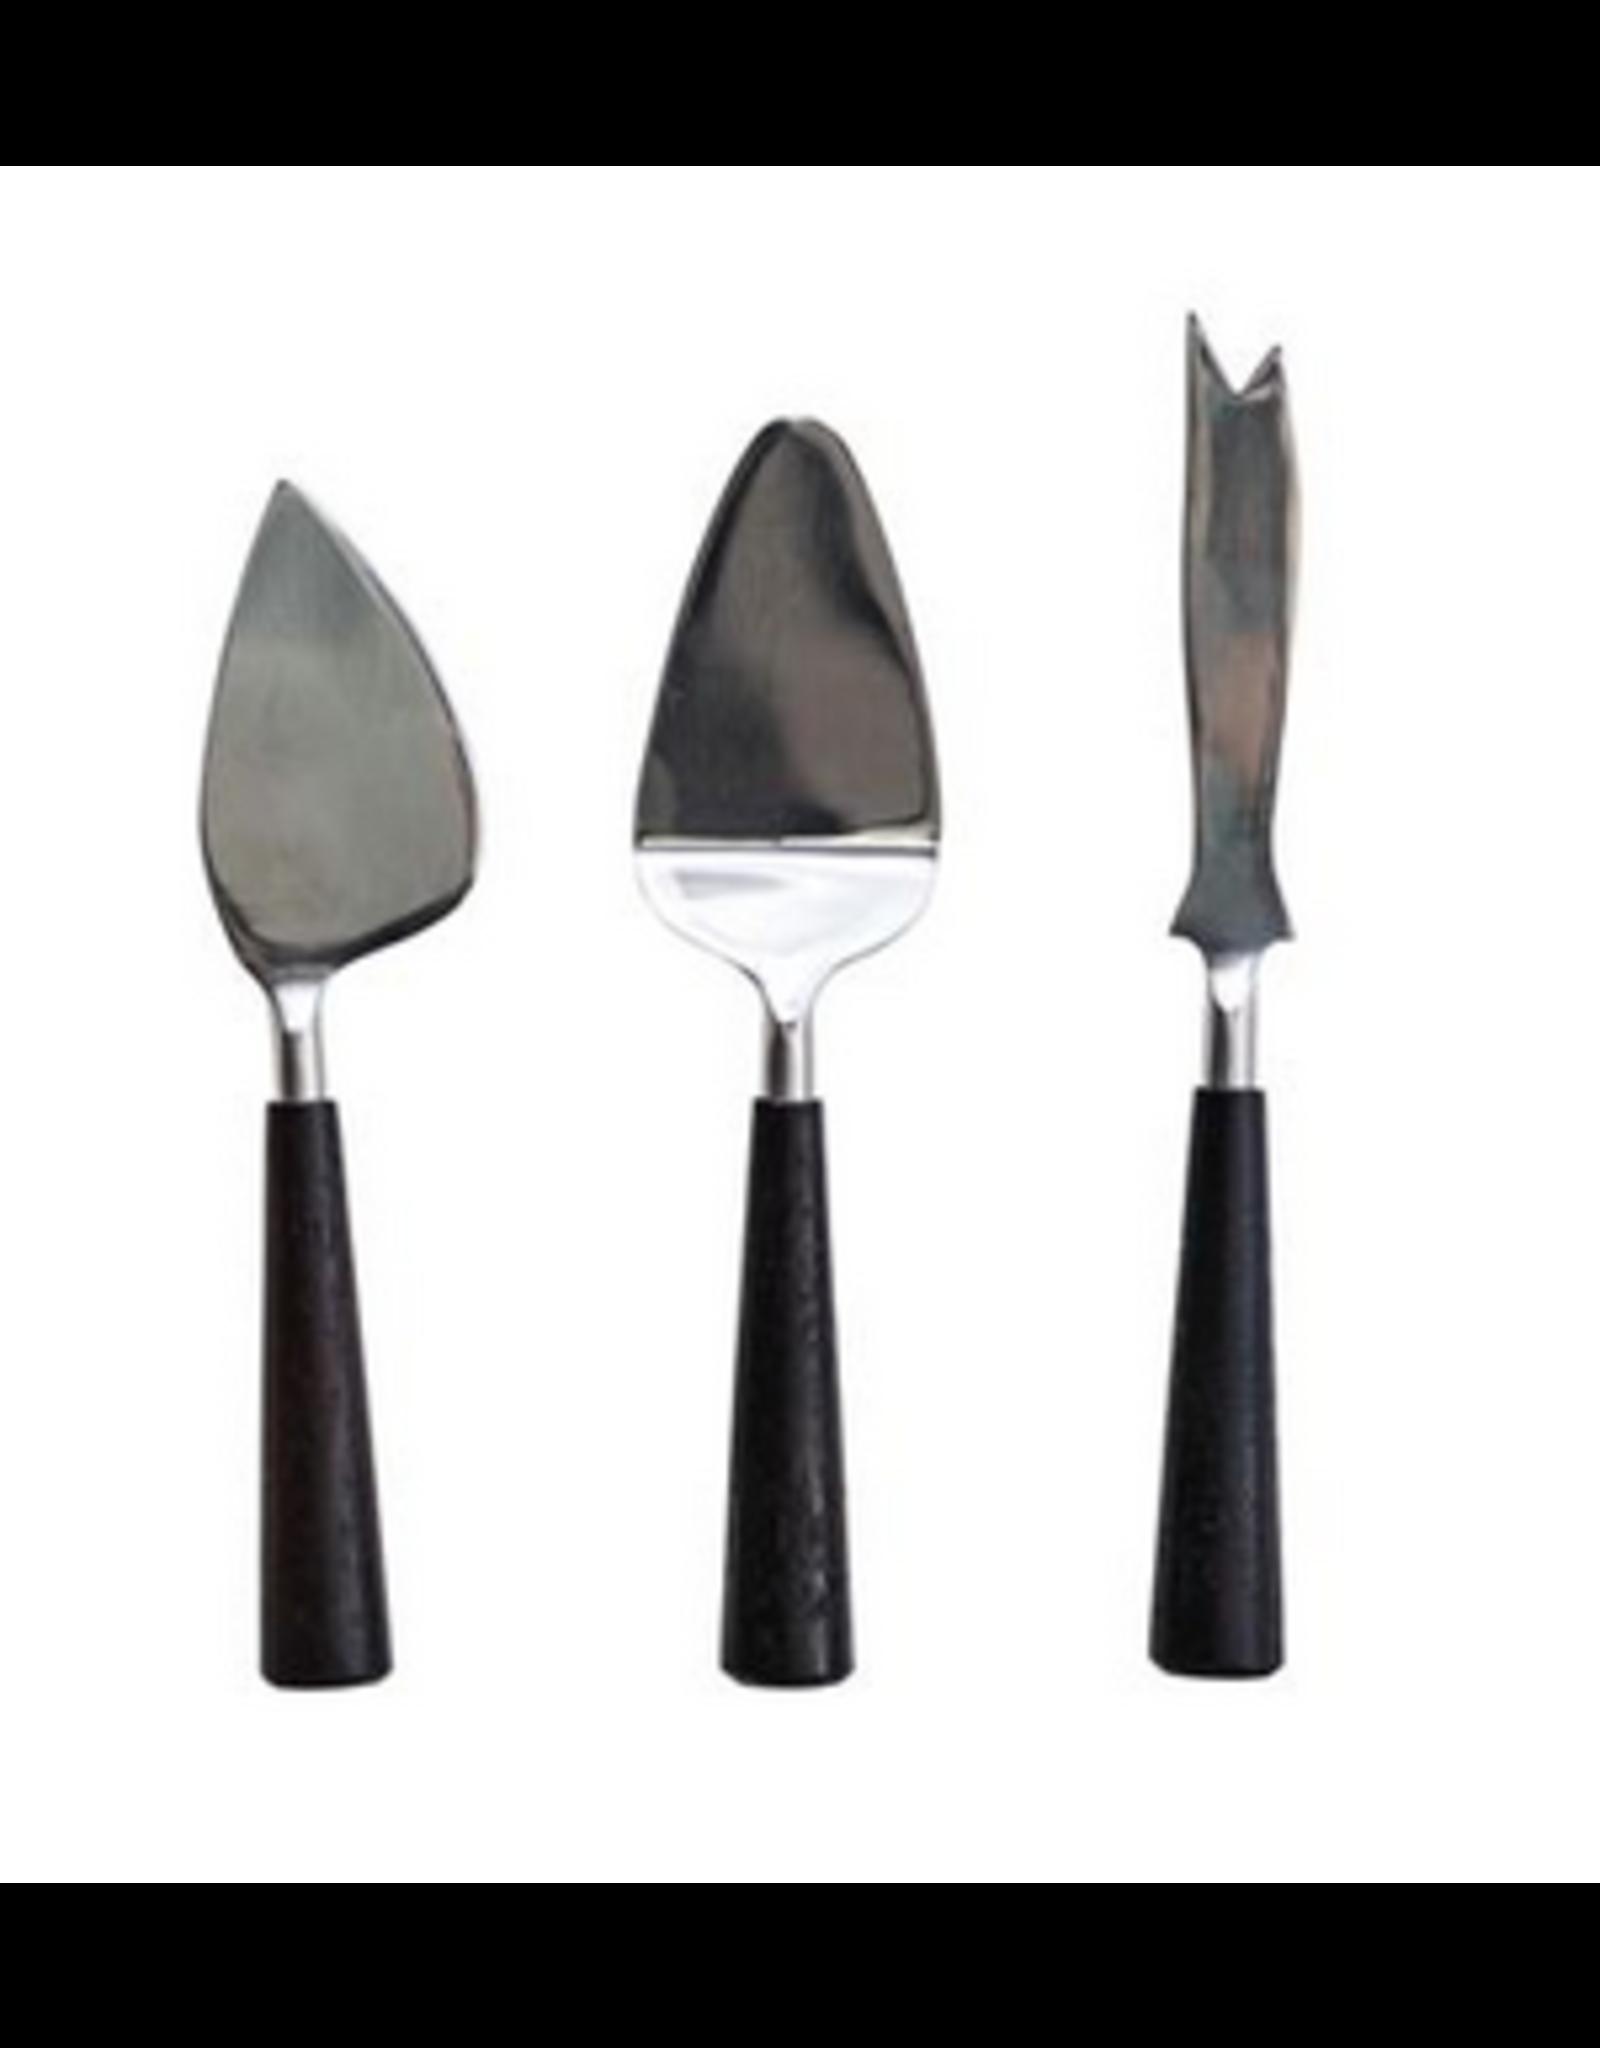 Bloomingville Steel & Black Wood Serving Utensils, set of 3